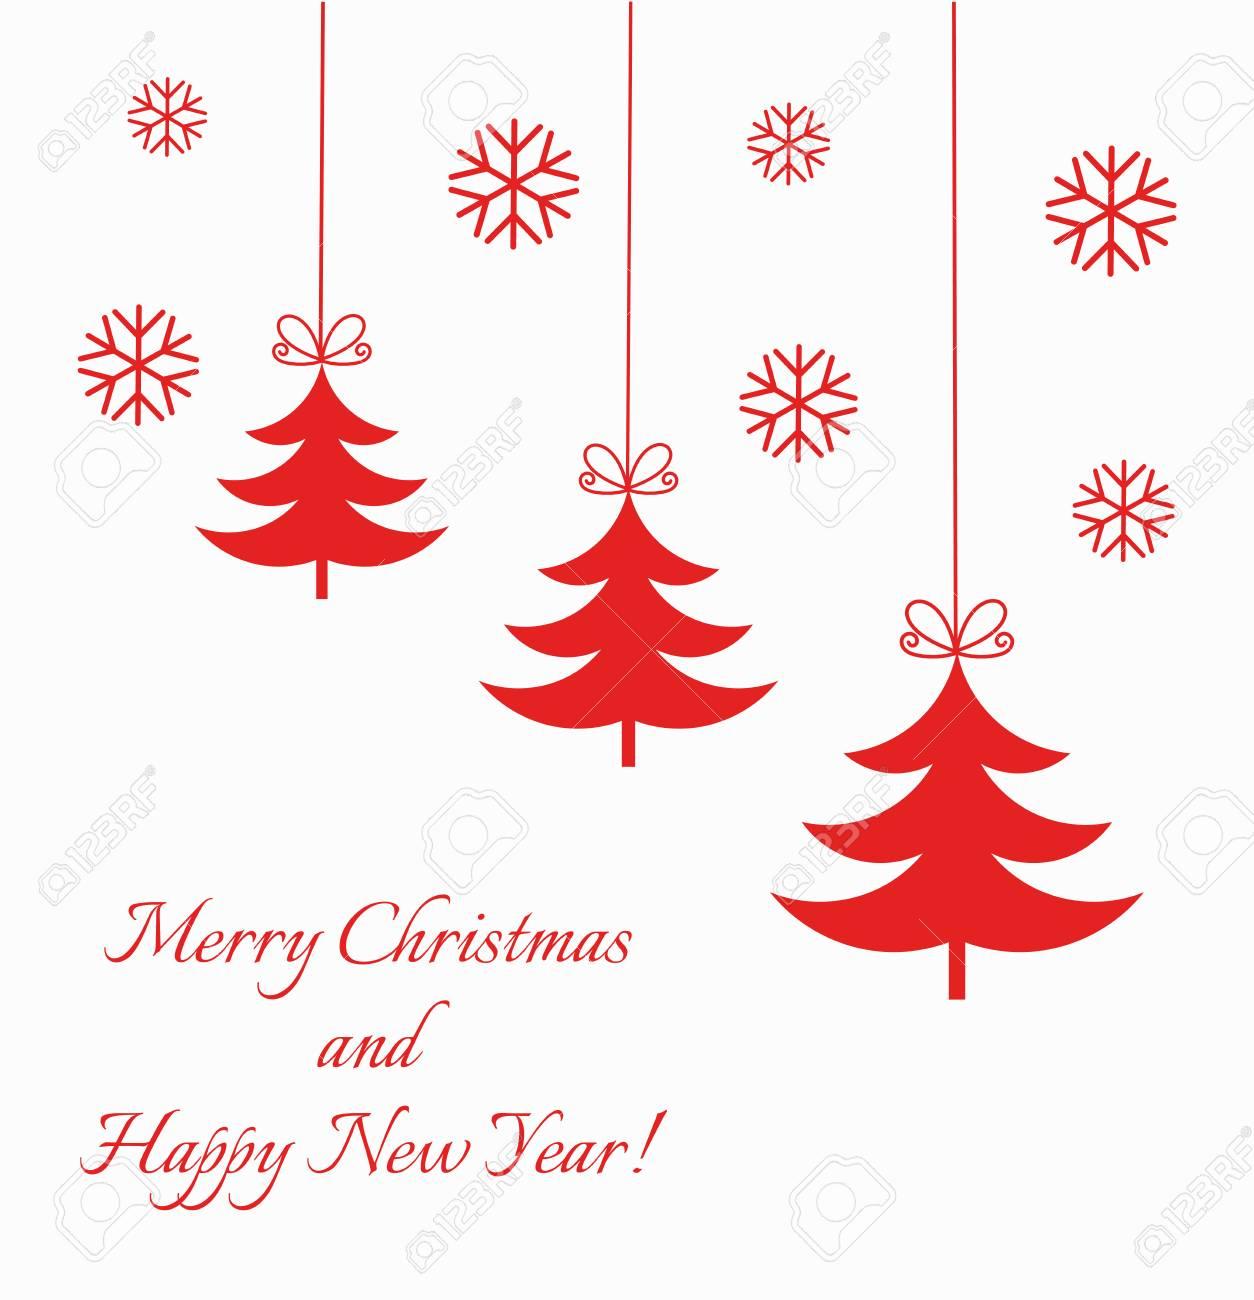 クリスマスオーナメント ツリー赤背景イラストのイラスト素材ベクタ